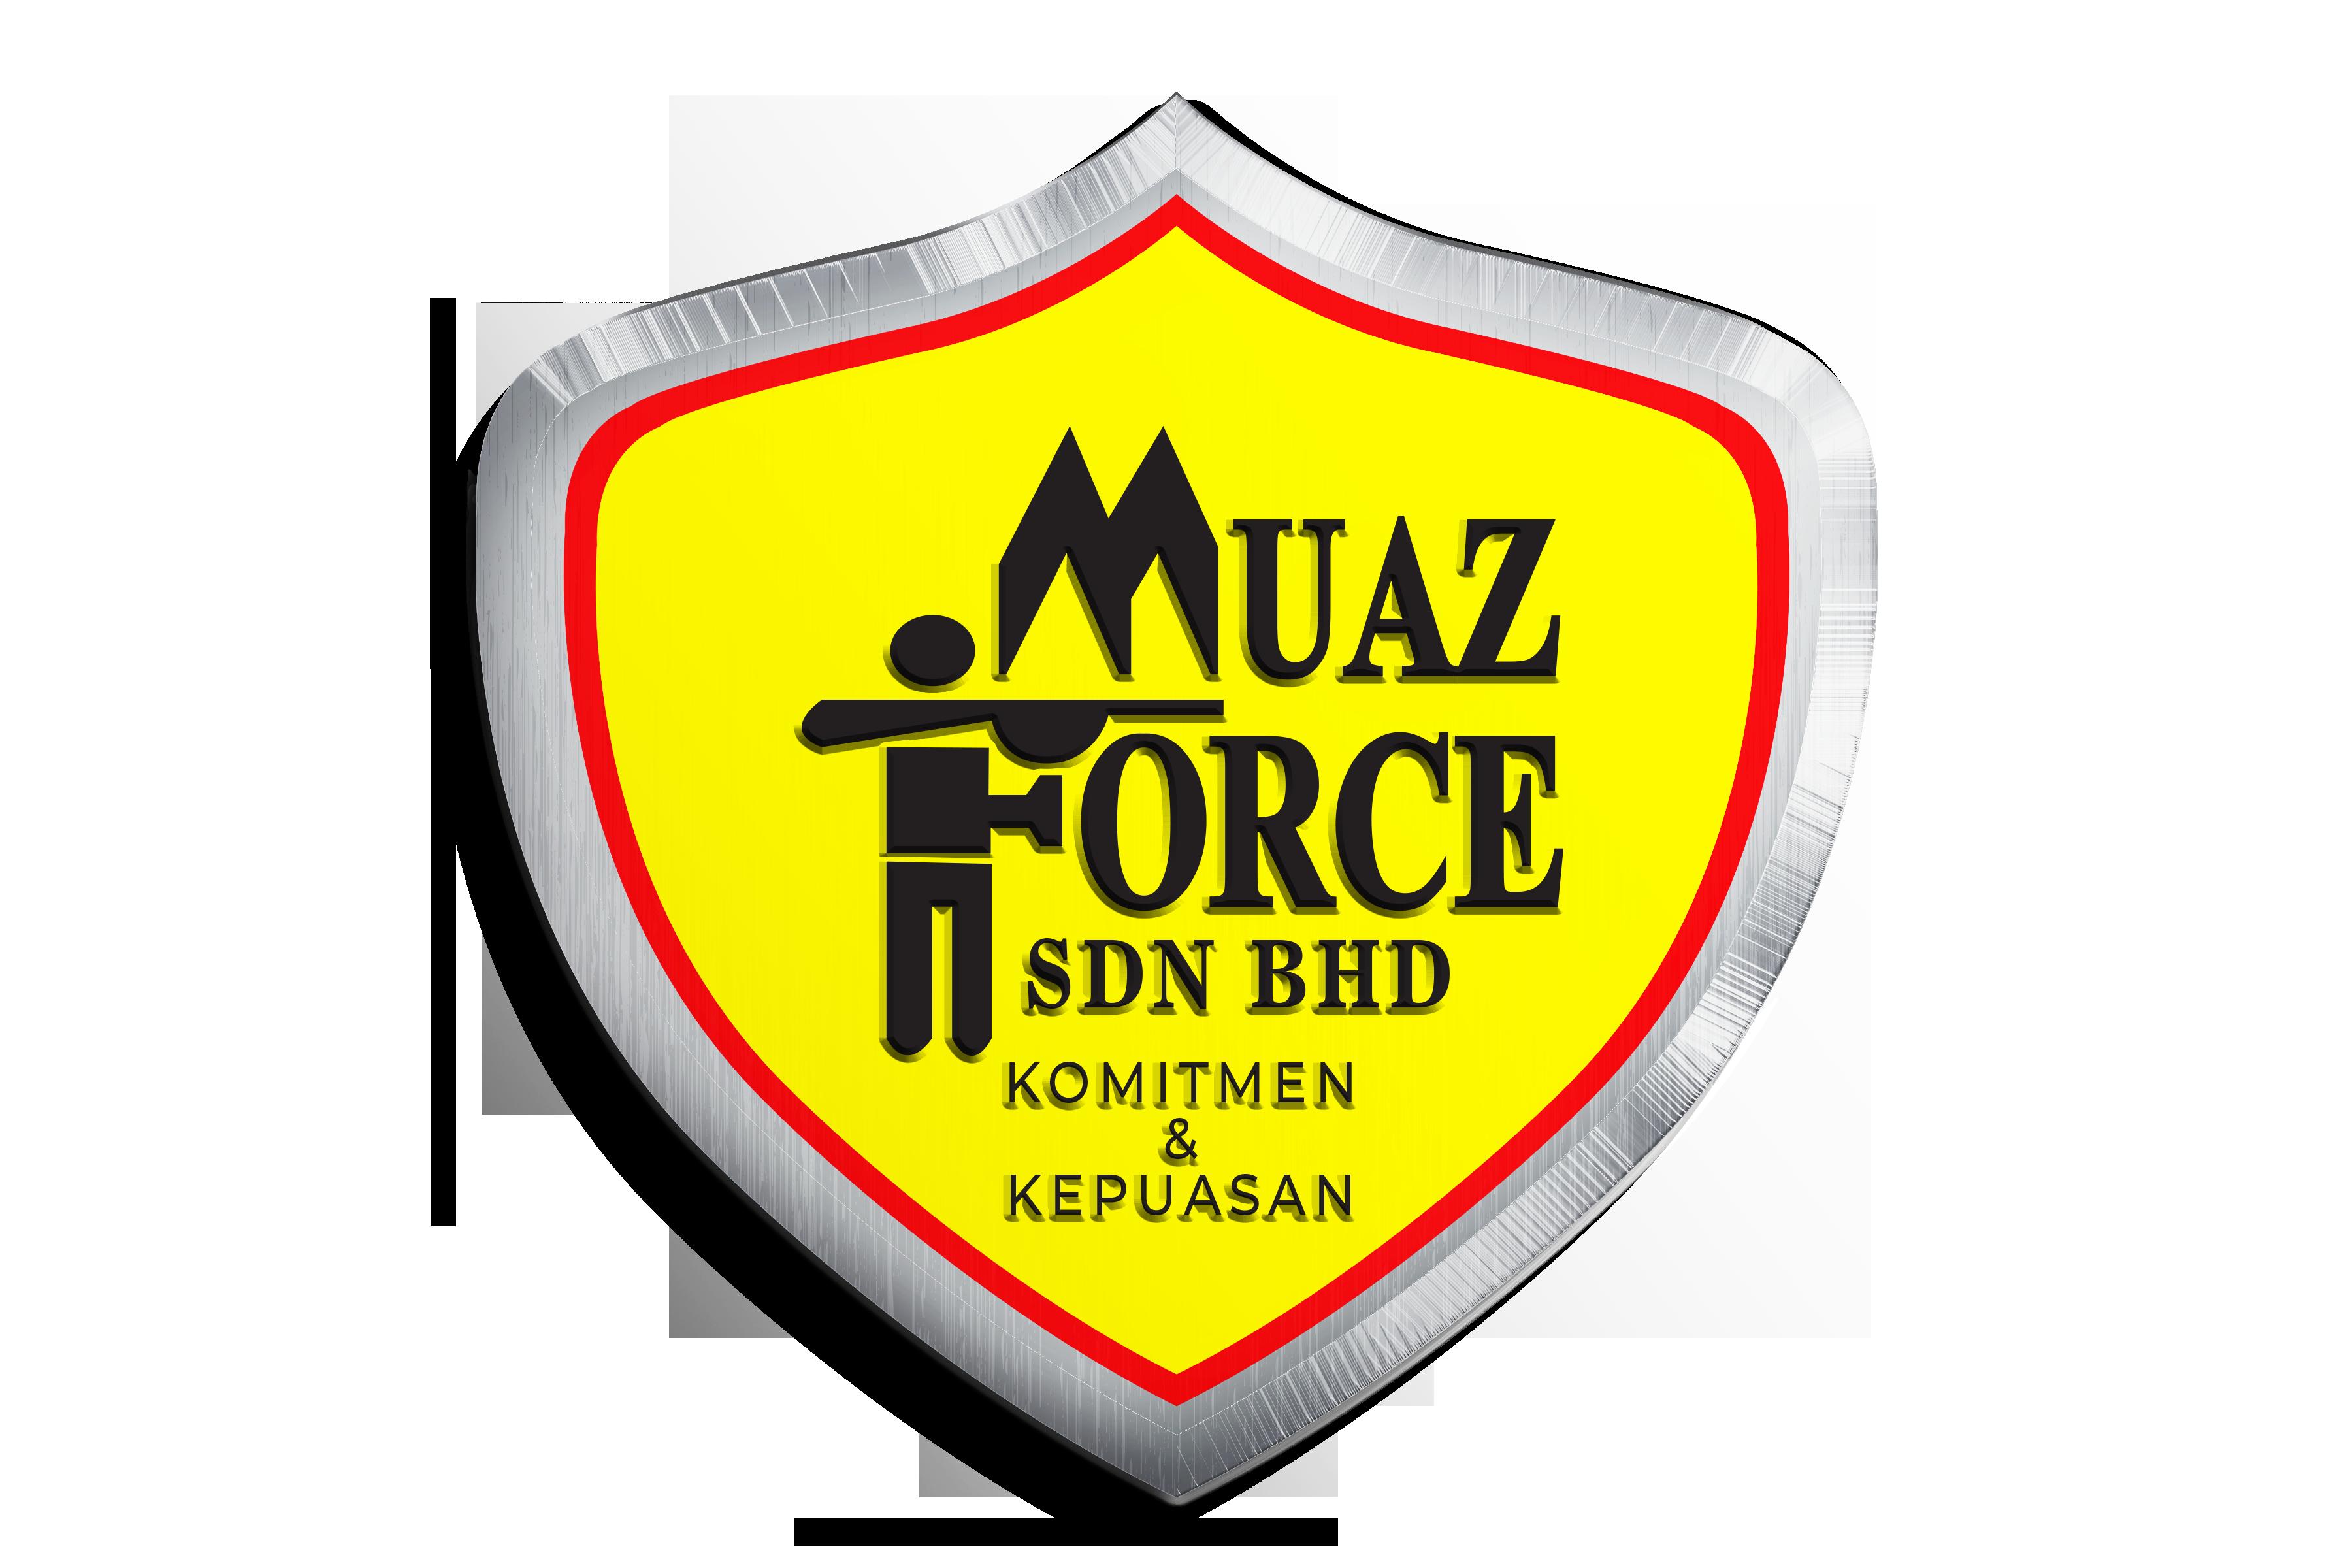 MUAZ FORCE